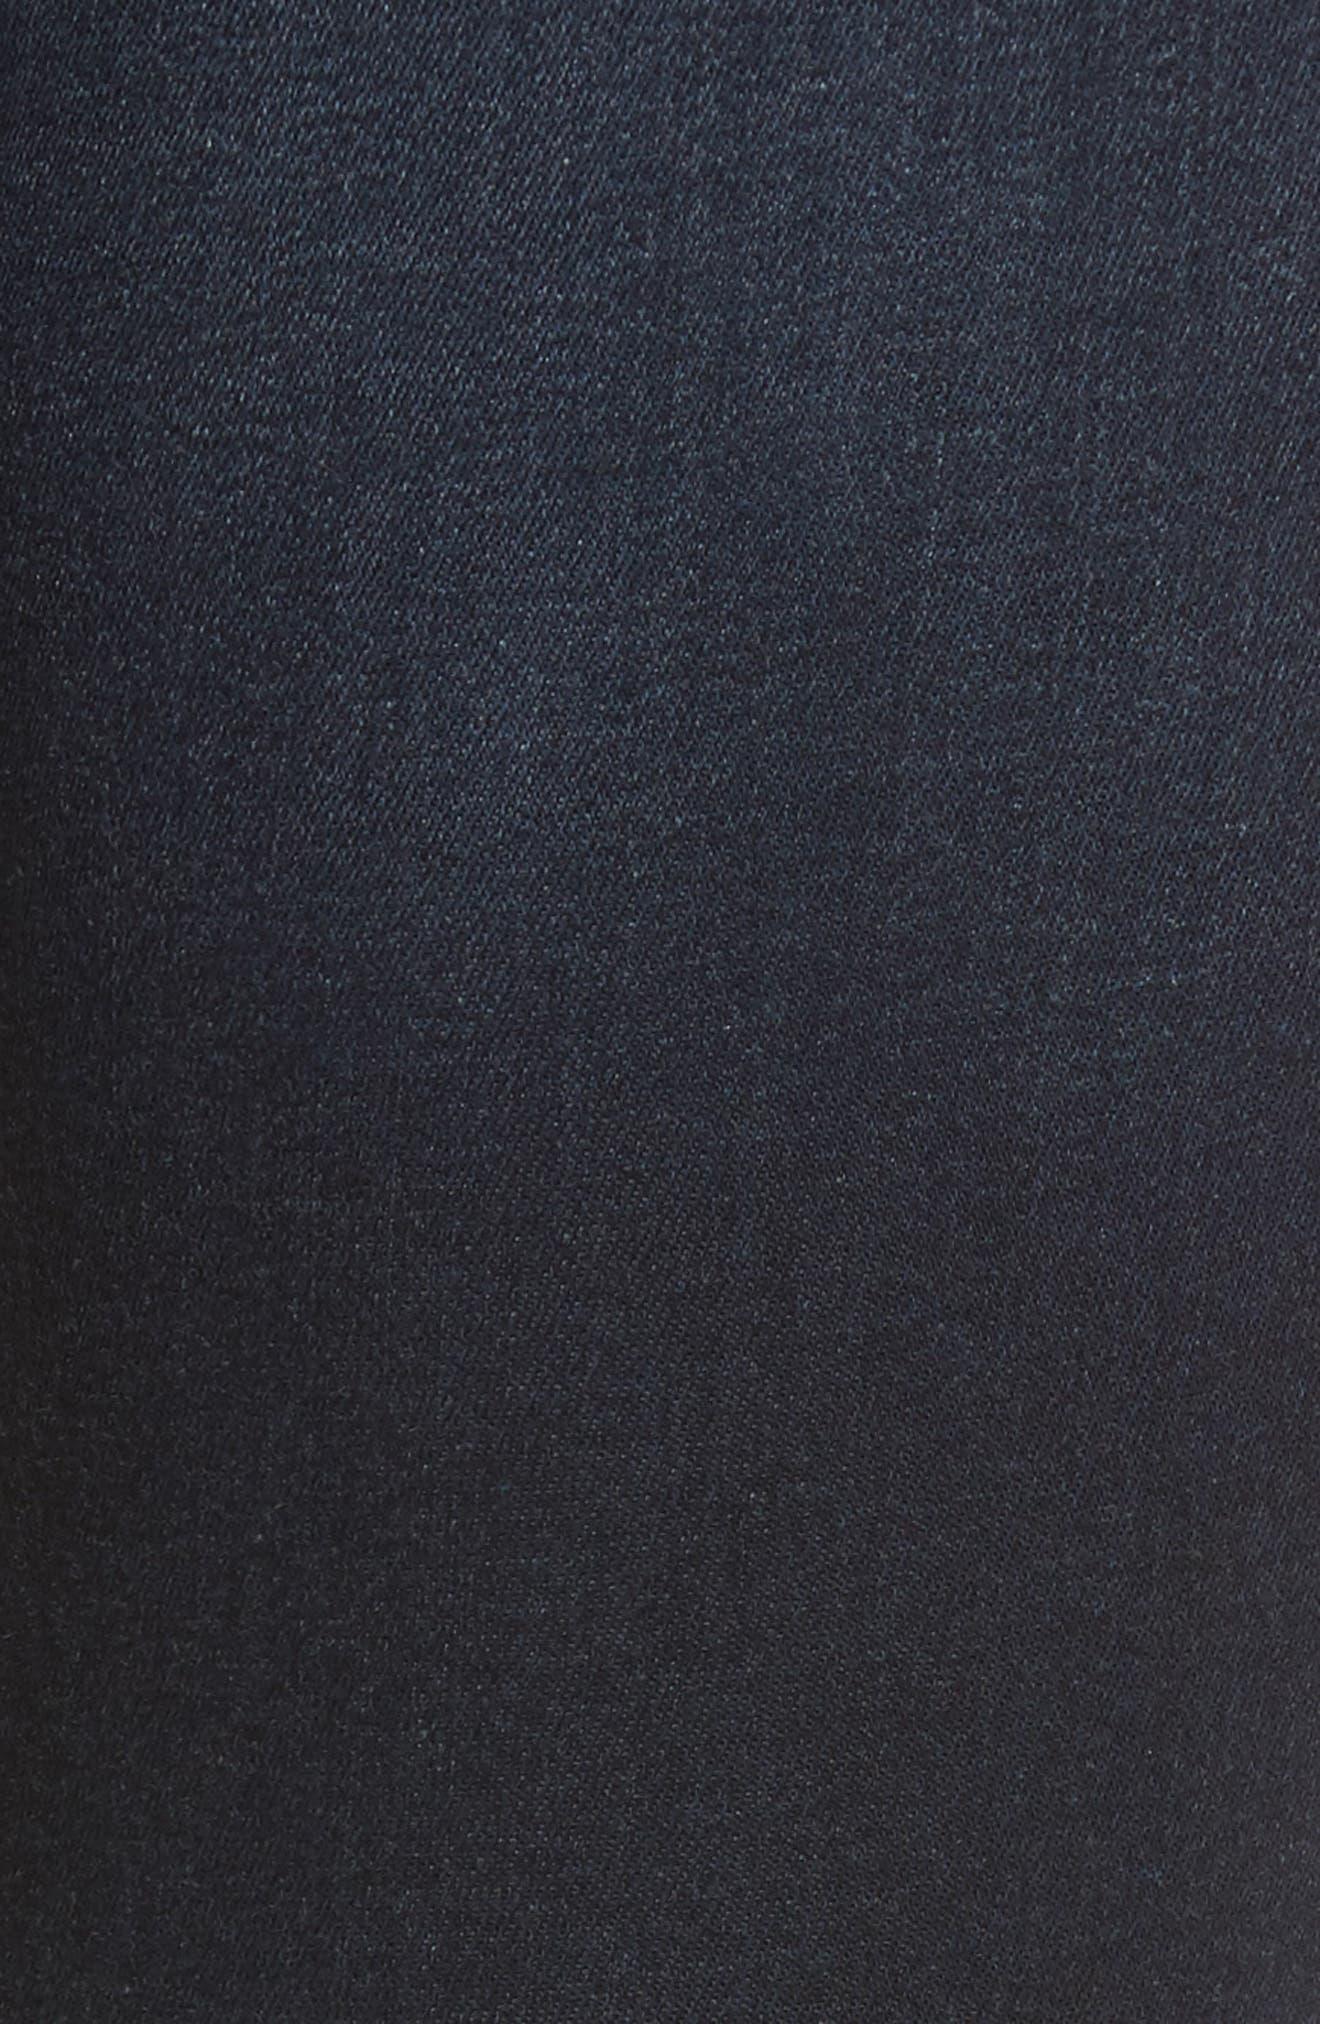 Emma Power Legging Skinny Jeans,                             Alternate thumbnail 5, color,                             Macon